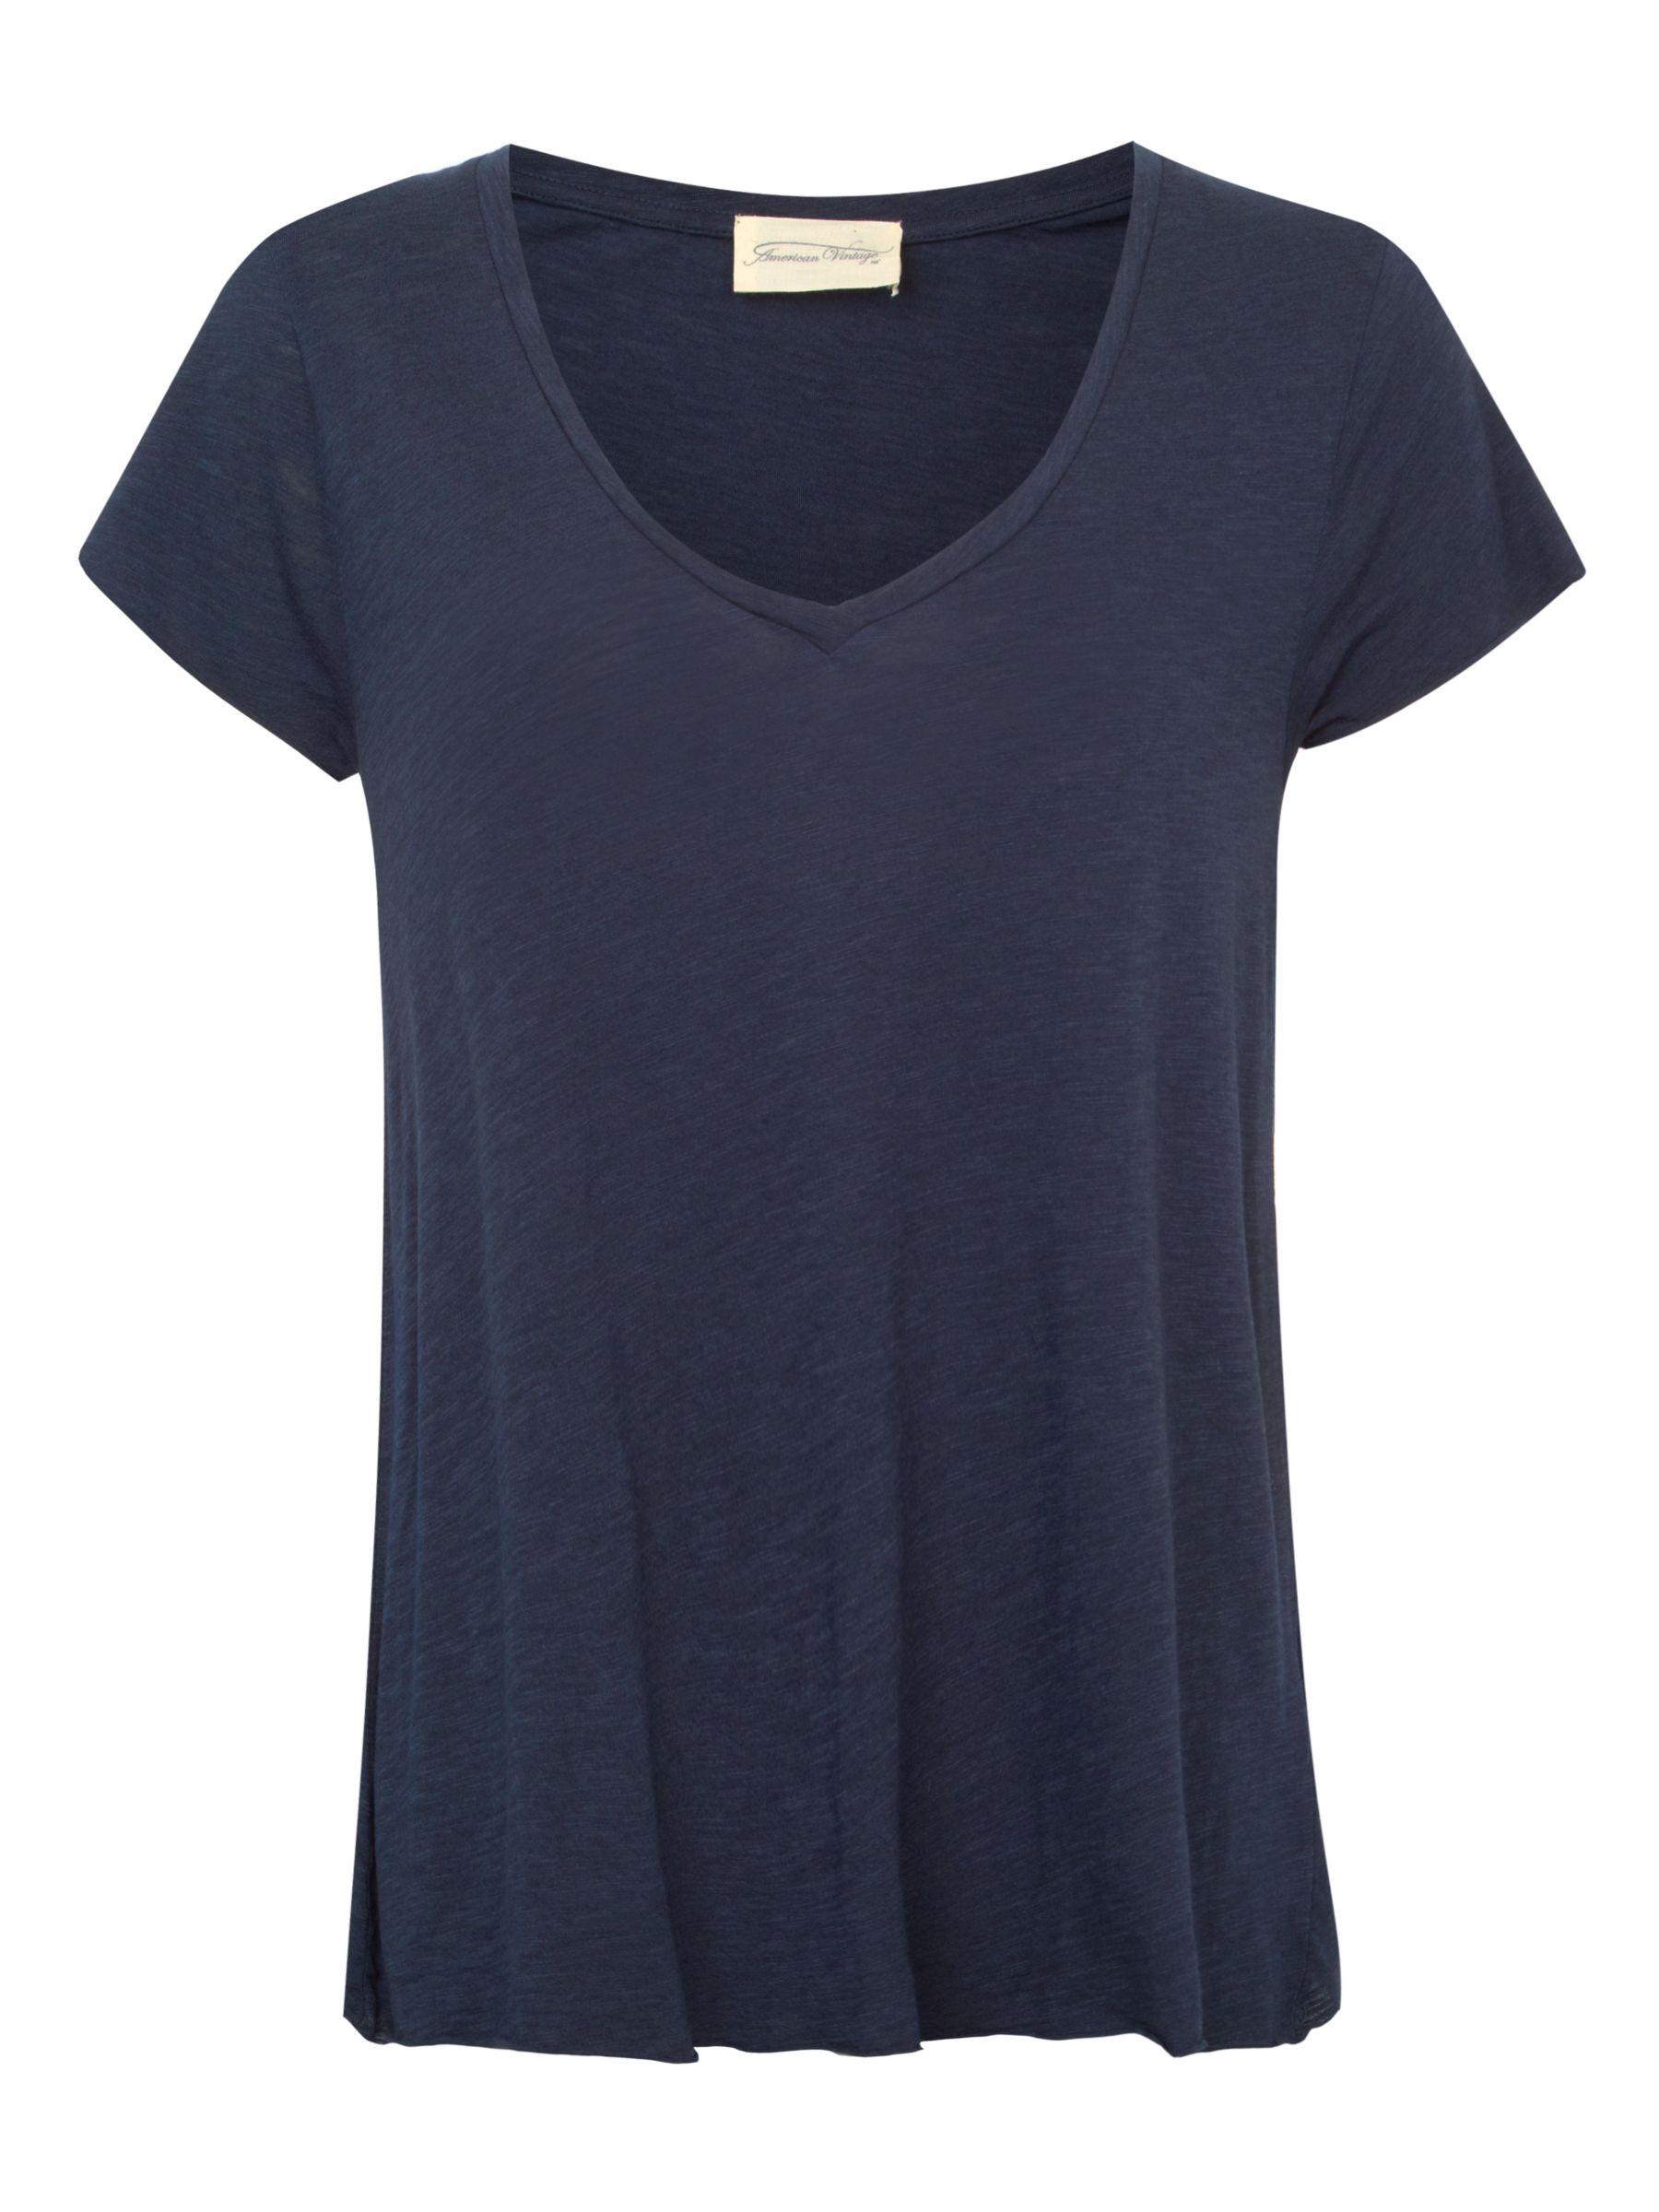 American vintage American Vintage Jacksonville V-Neck T-Shirt